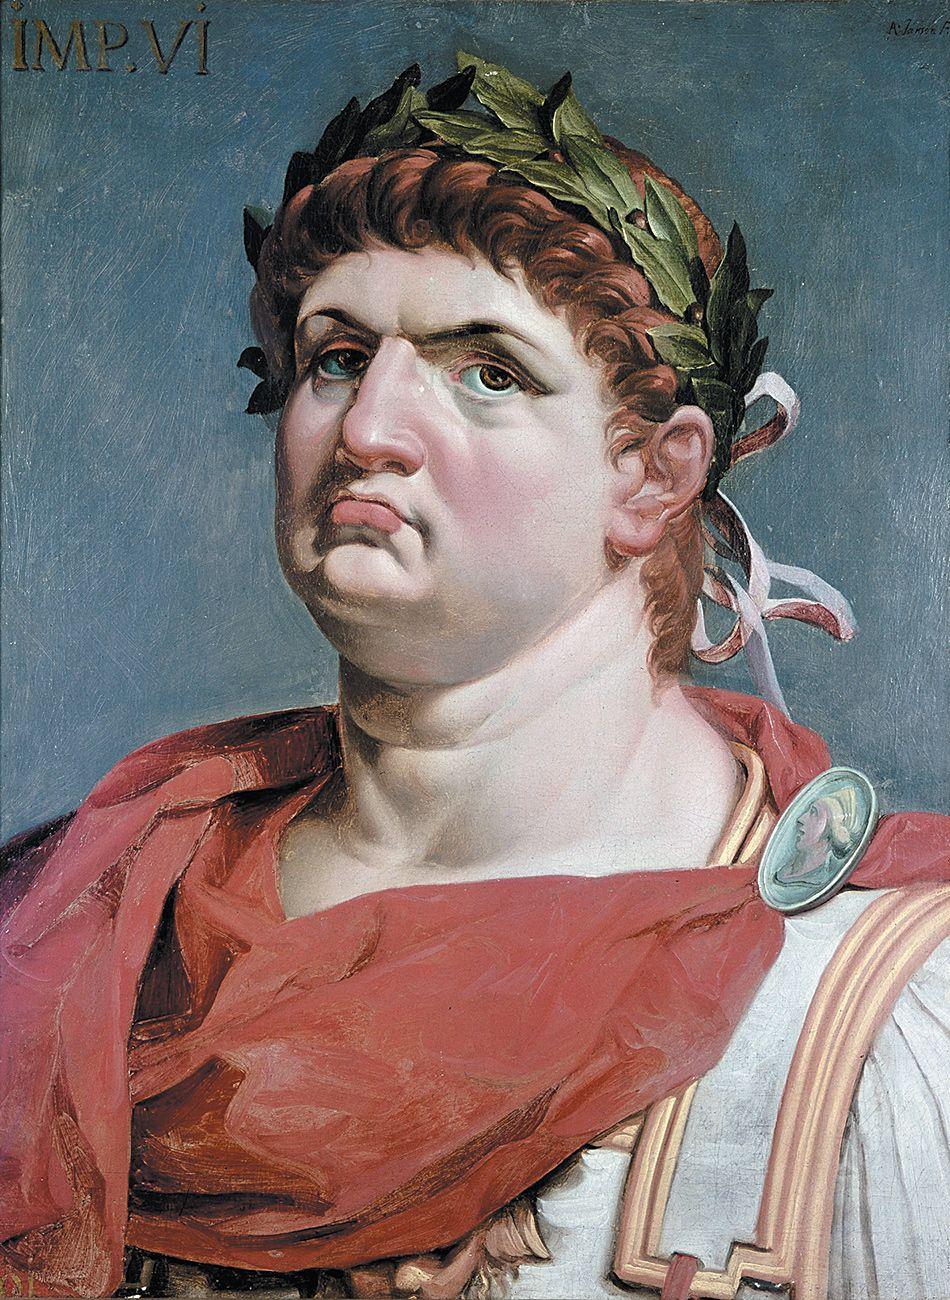 Agrypina miała otruć męża, aby osadzić na tronie swojego syna Nerona. Na ilustracji portret cesarza pędzla Abrahama Janssensa.